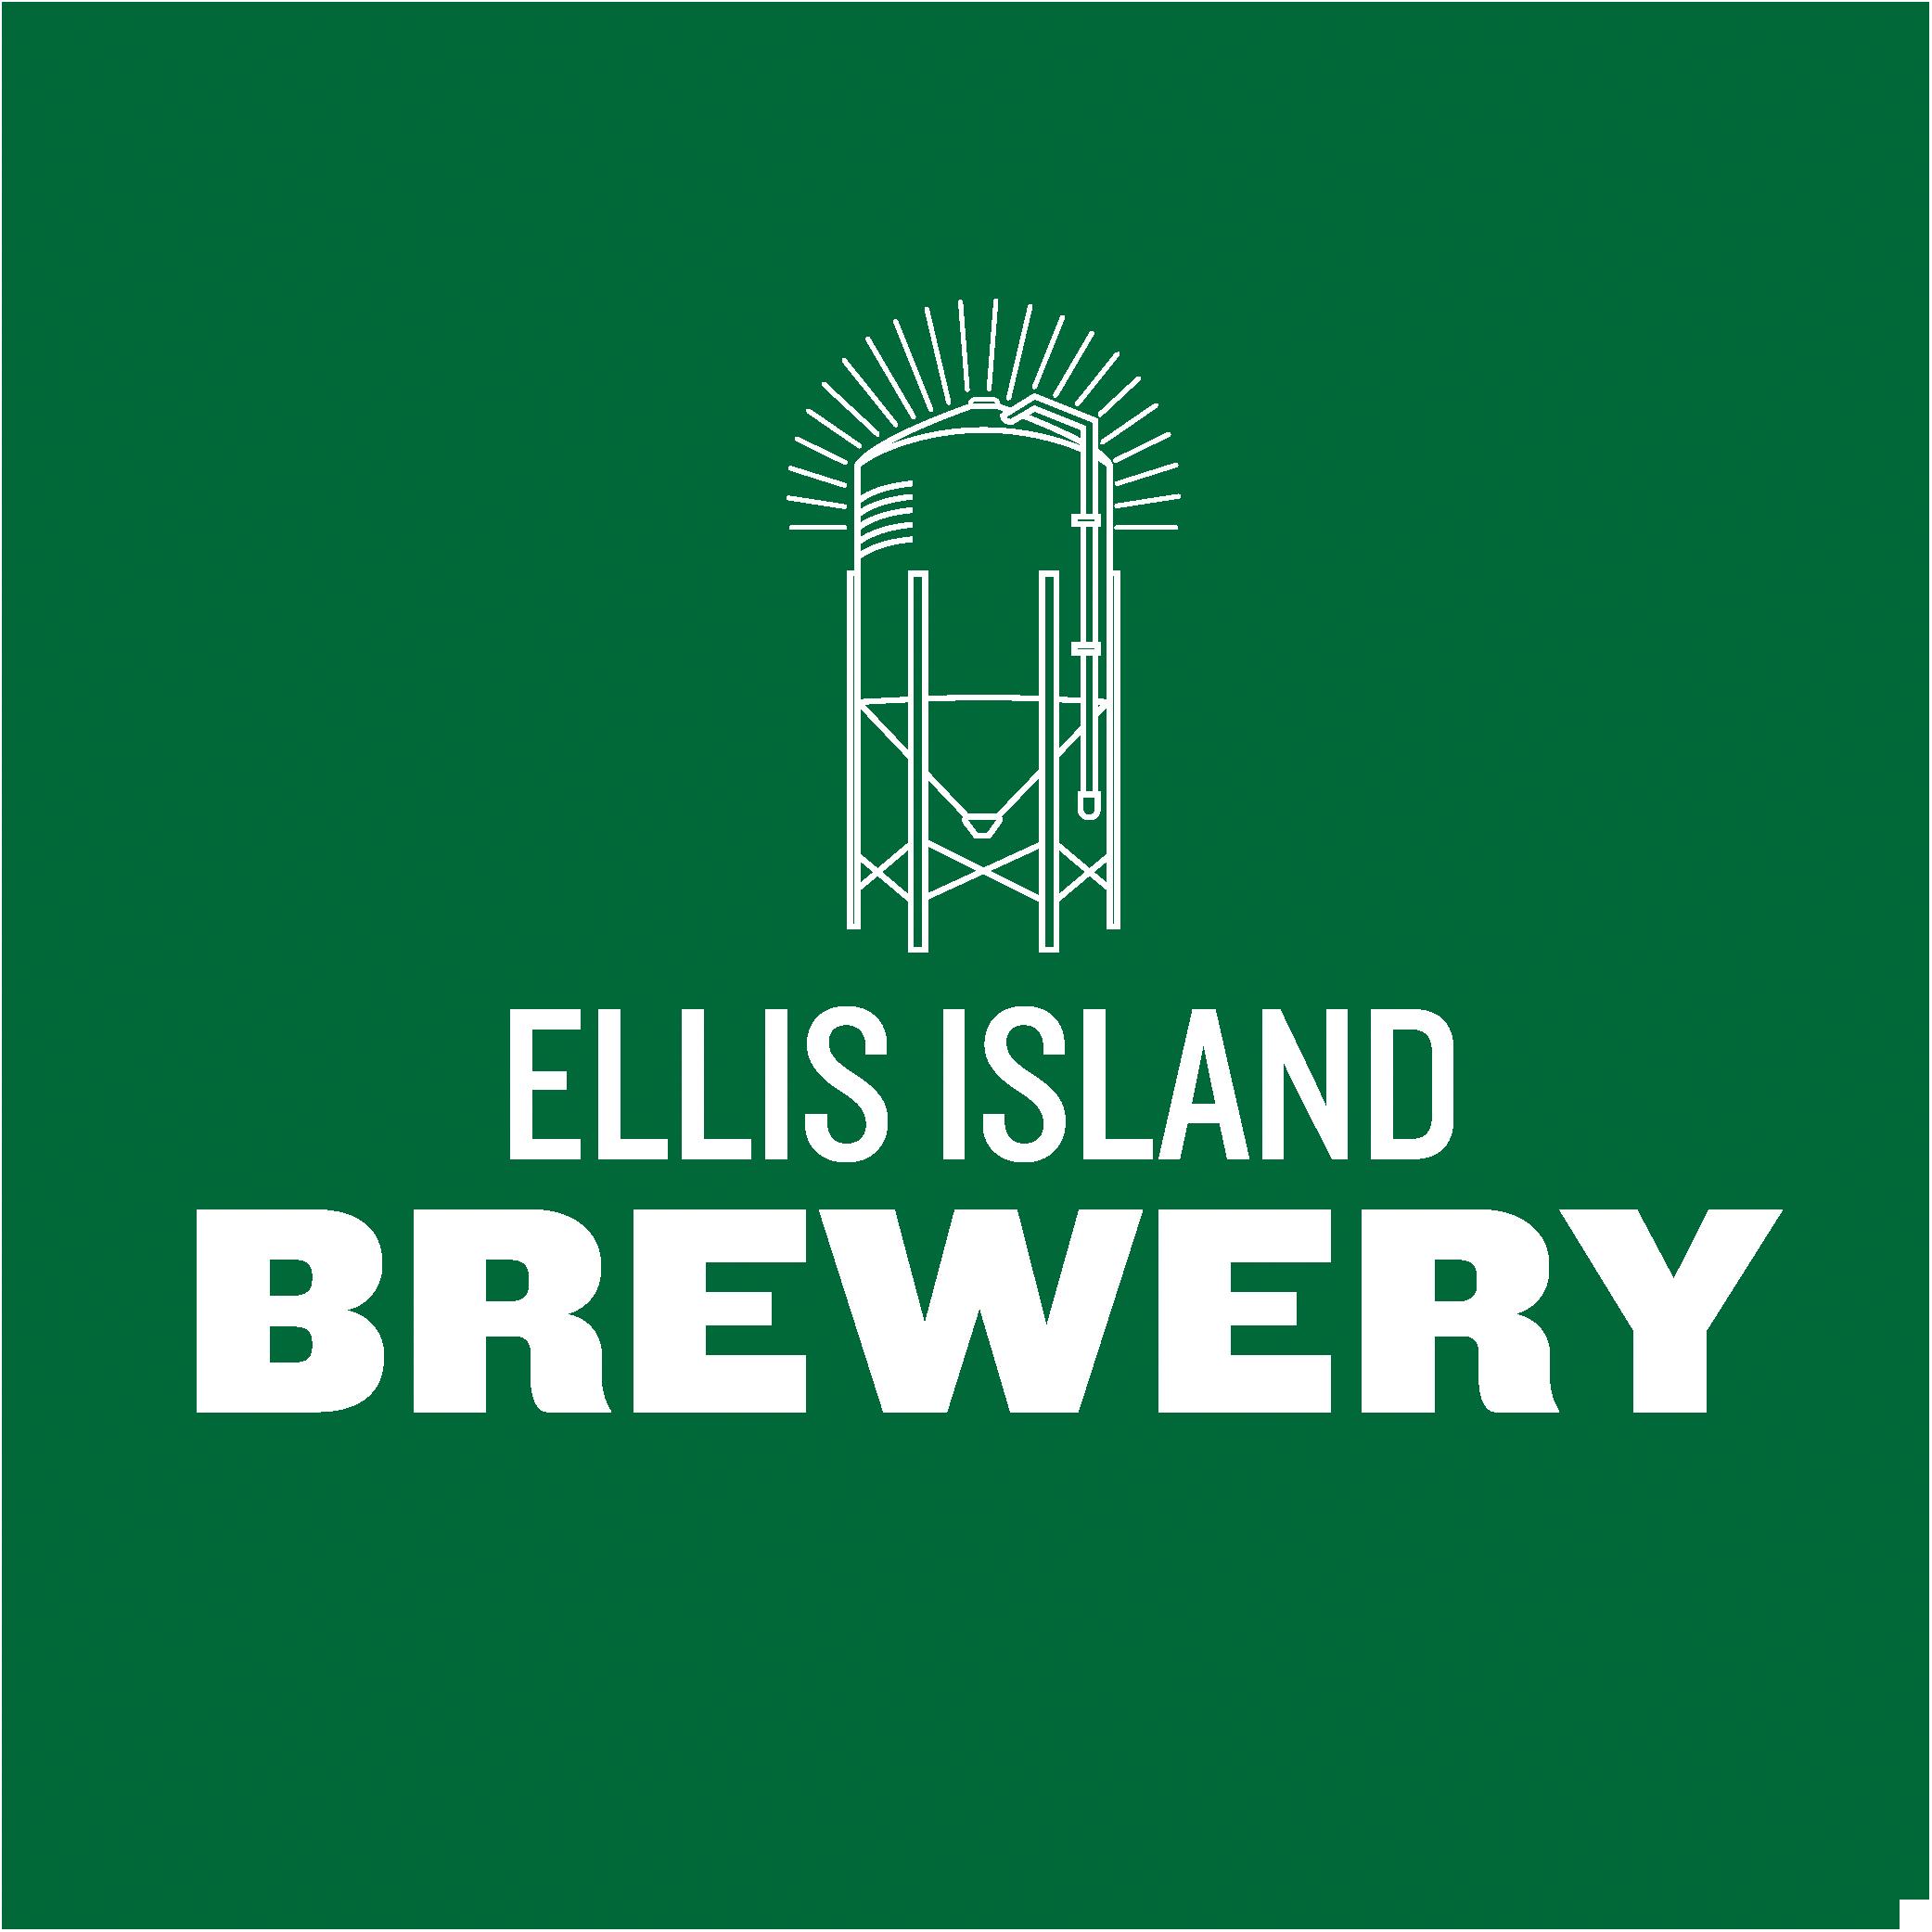 Ellis Island Brewery logo